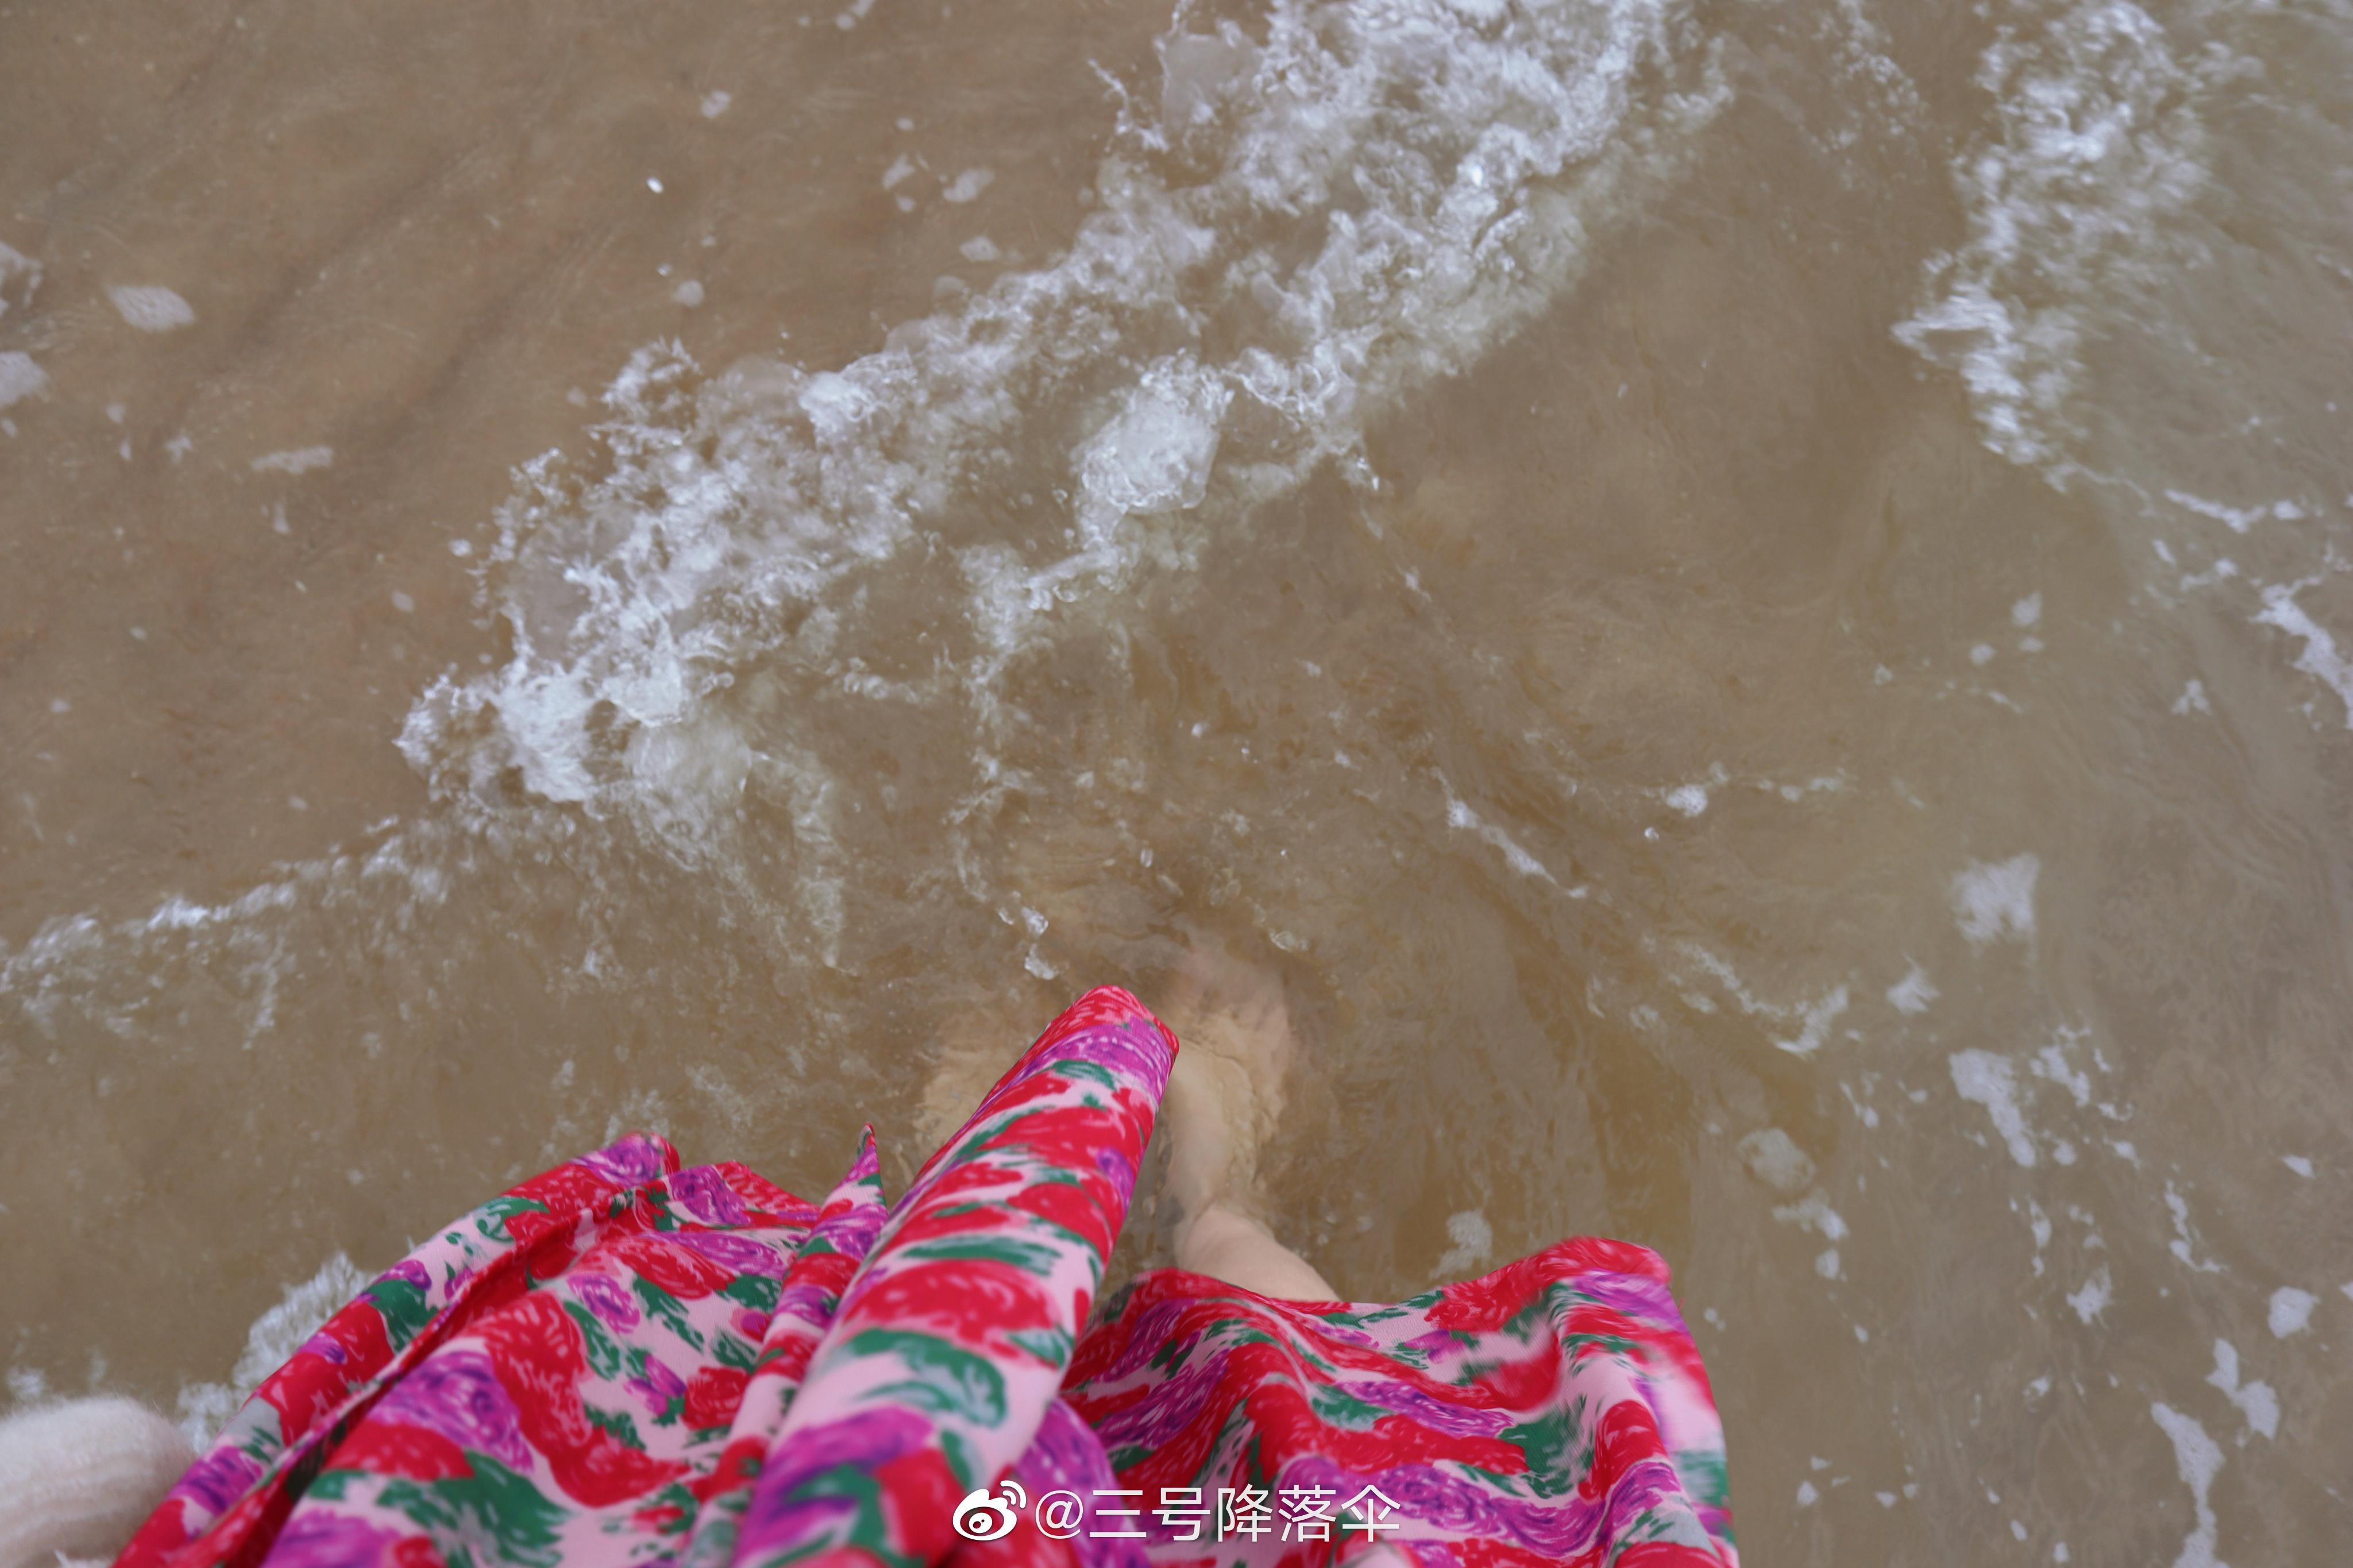 公主日记夏天来了天津·东疆湾景区美女